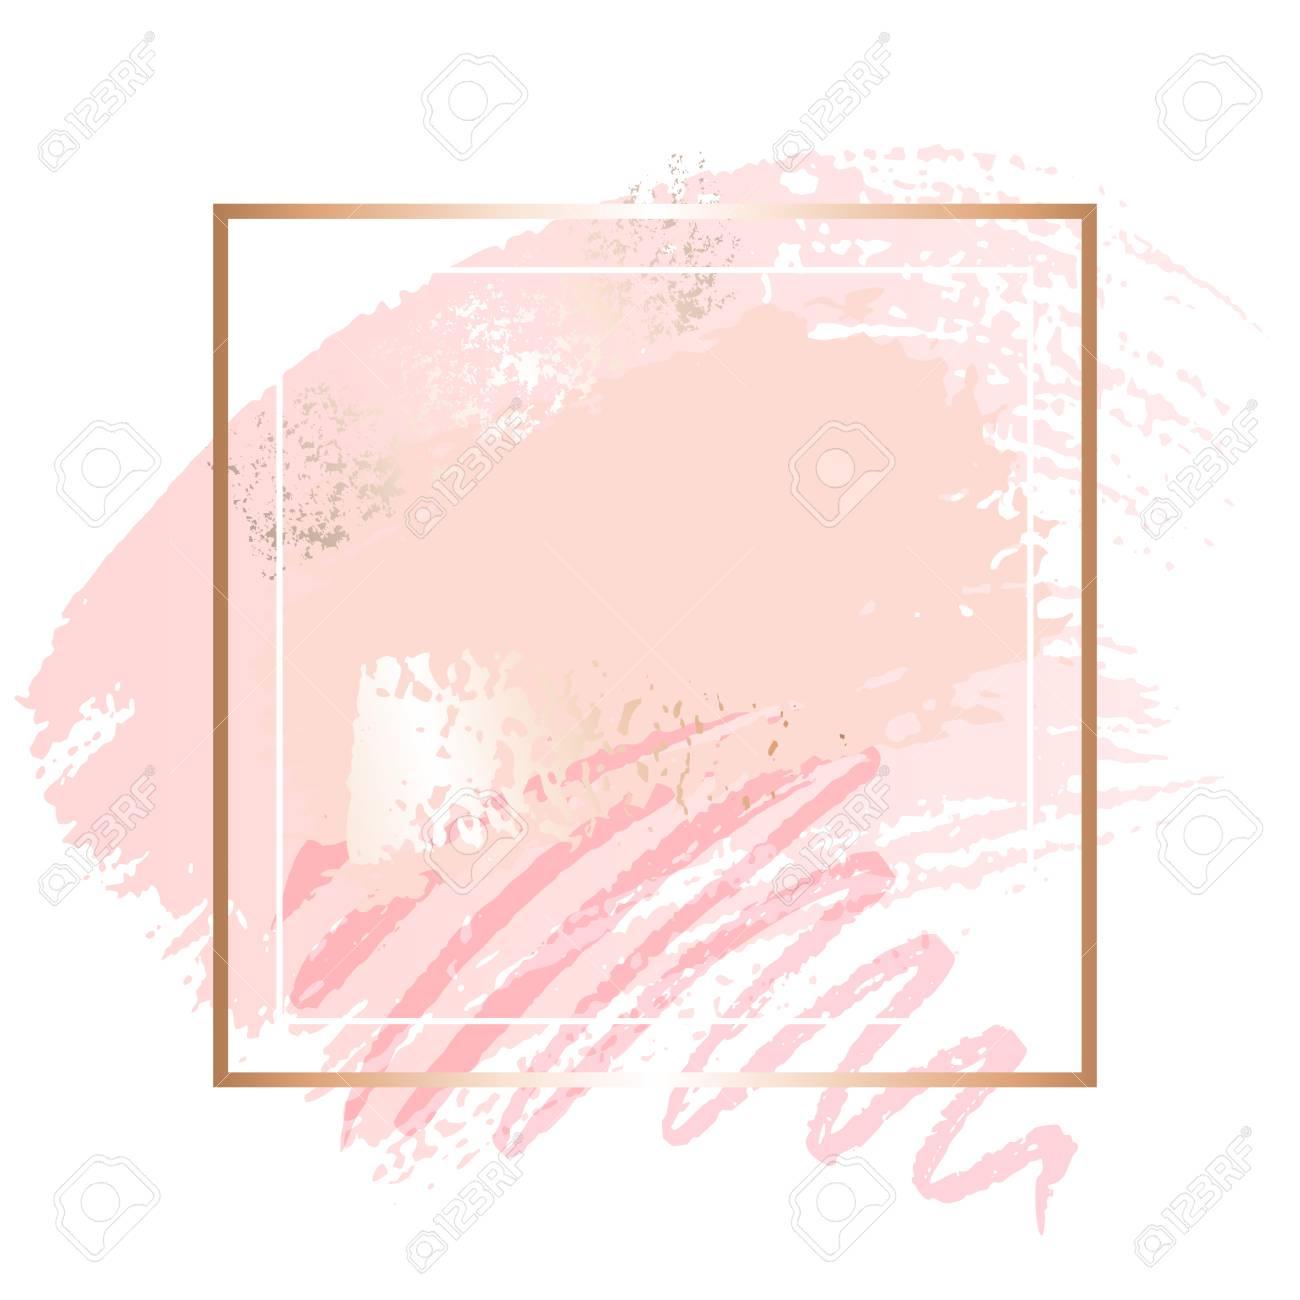 Golden pink art frames. - 114325611